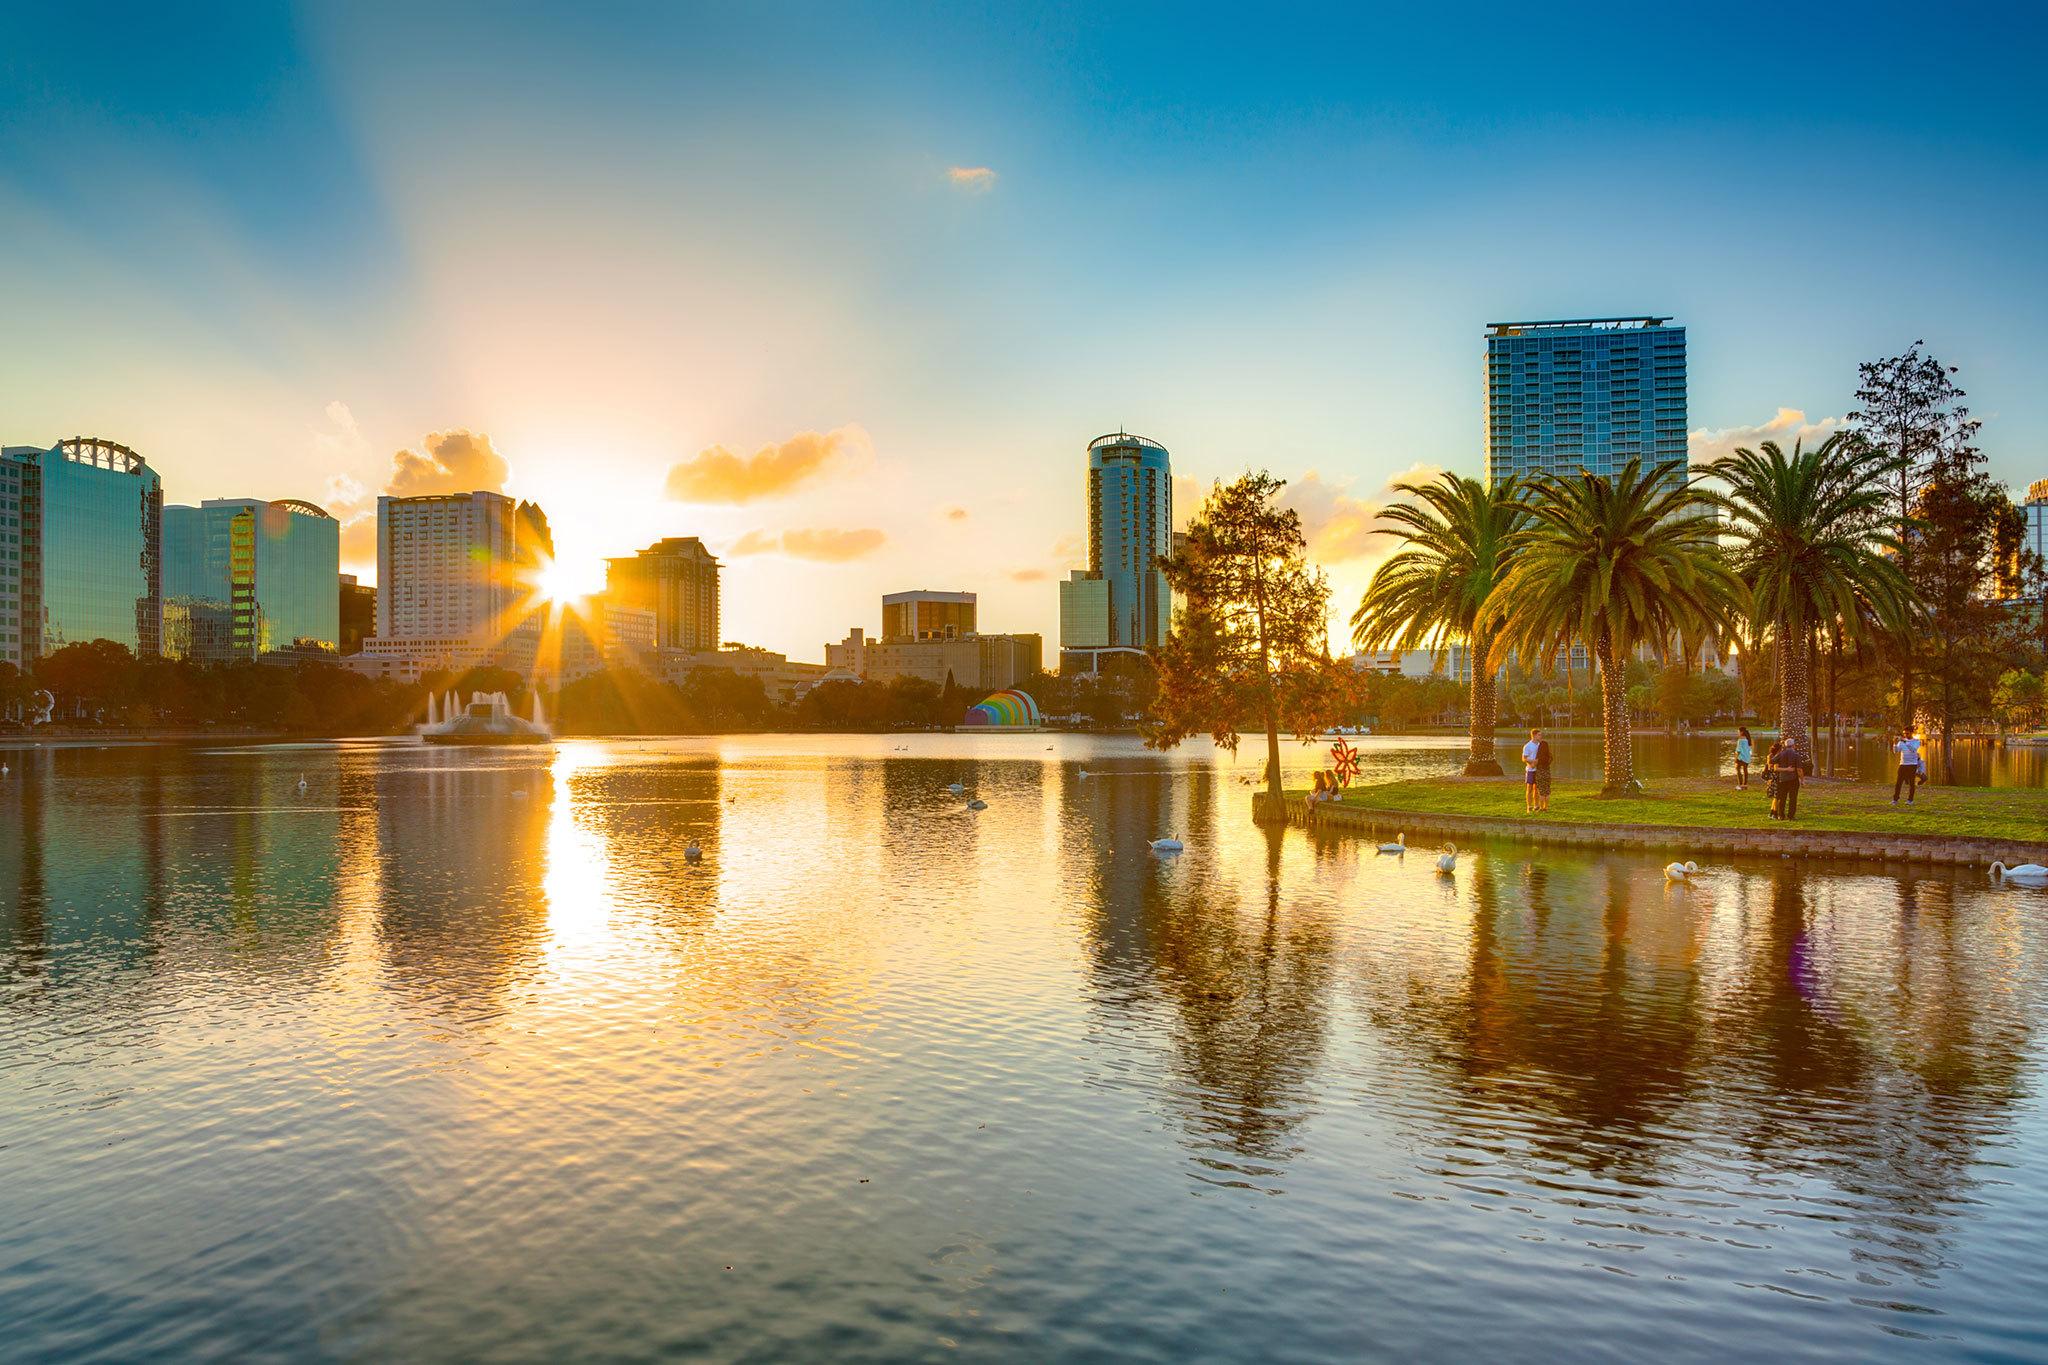 Orlando - Curta pontos da cidade sem sair de casa